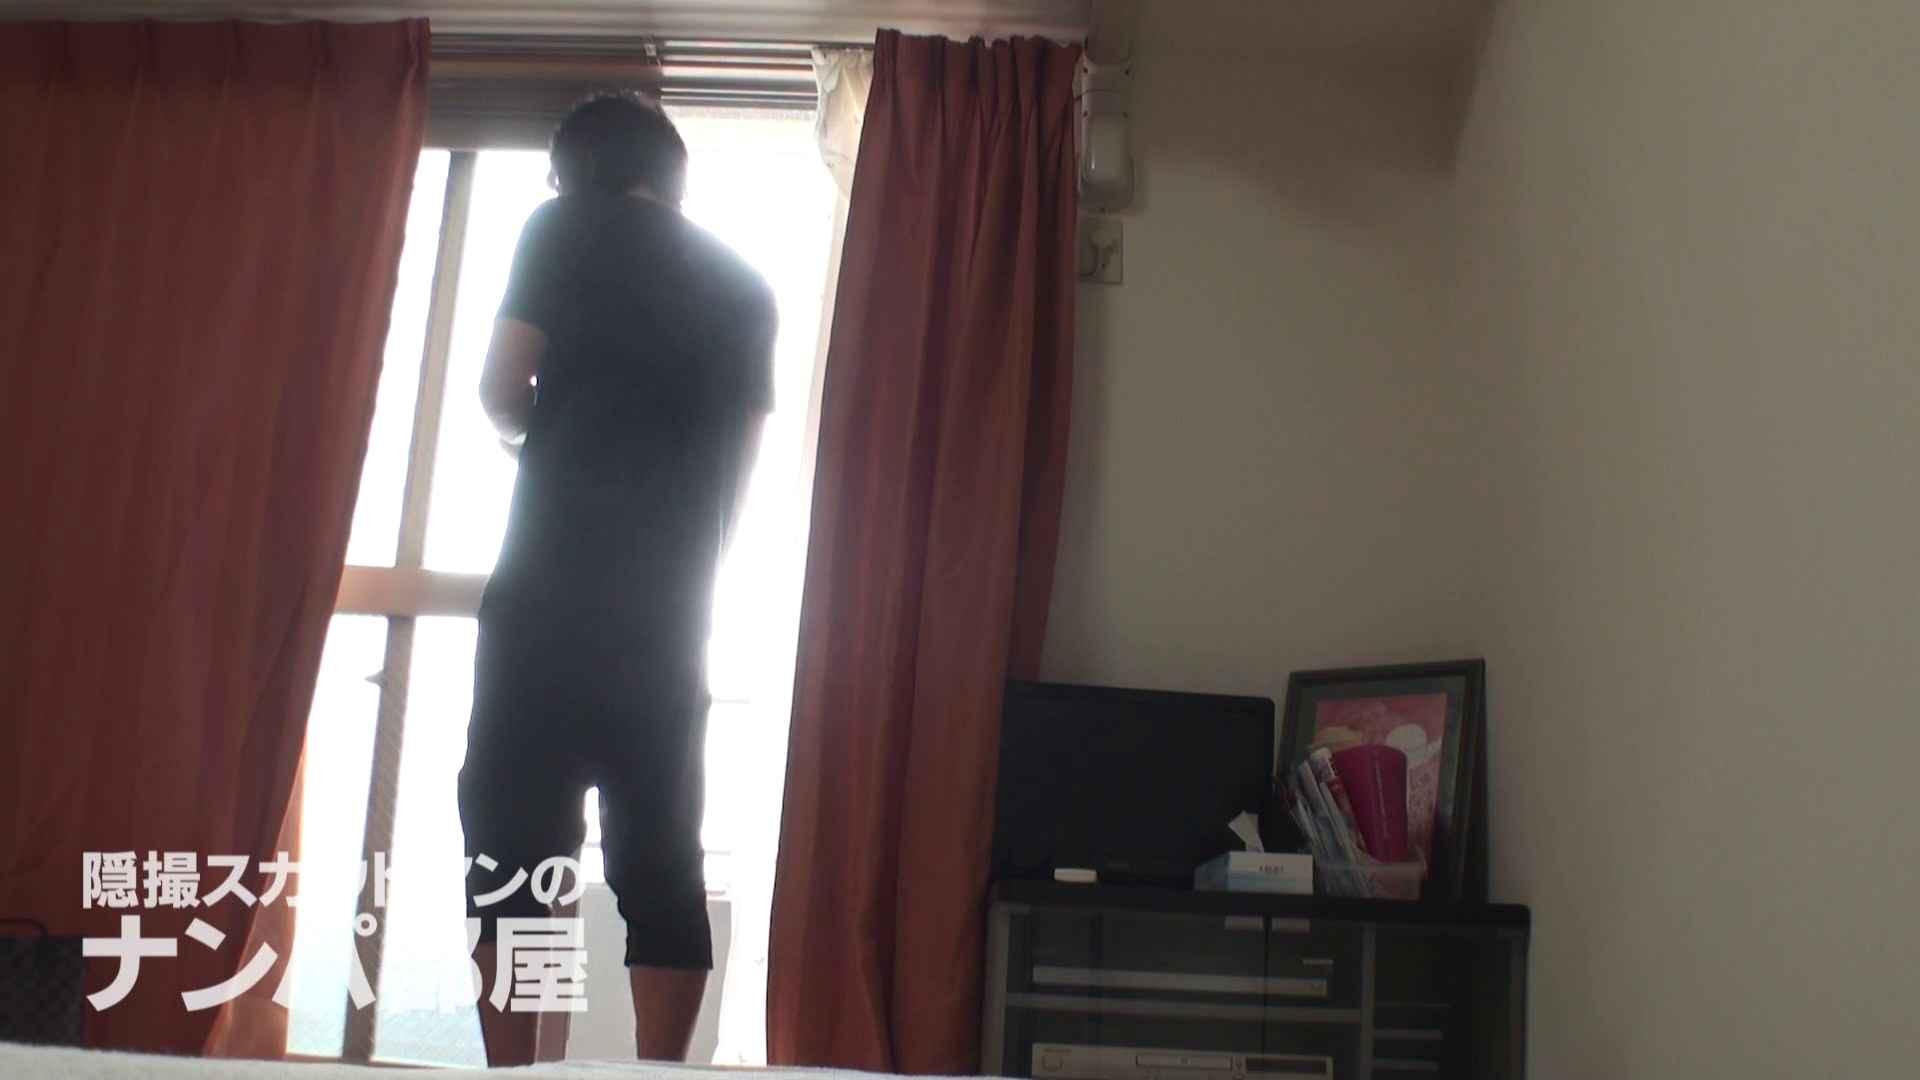 隠撮スカウトマンのナンパ部屋~風俗デビュー前のつまみ食い~ siivol.2 OL裸体 | ナンパ  58画像 27